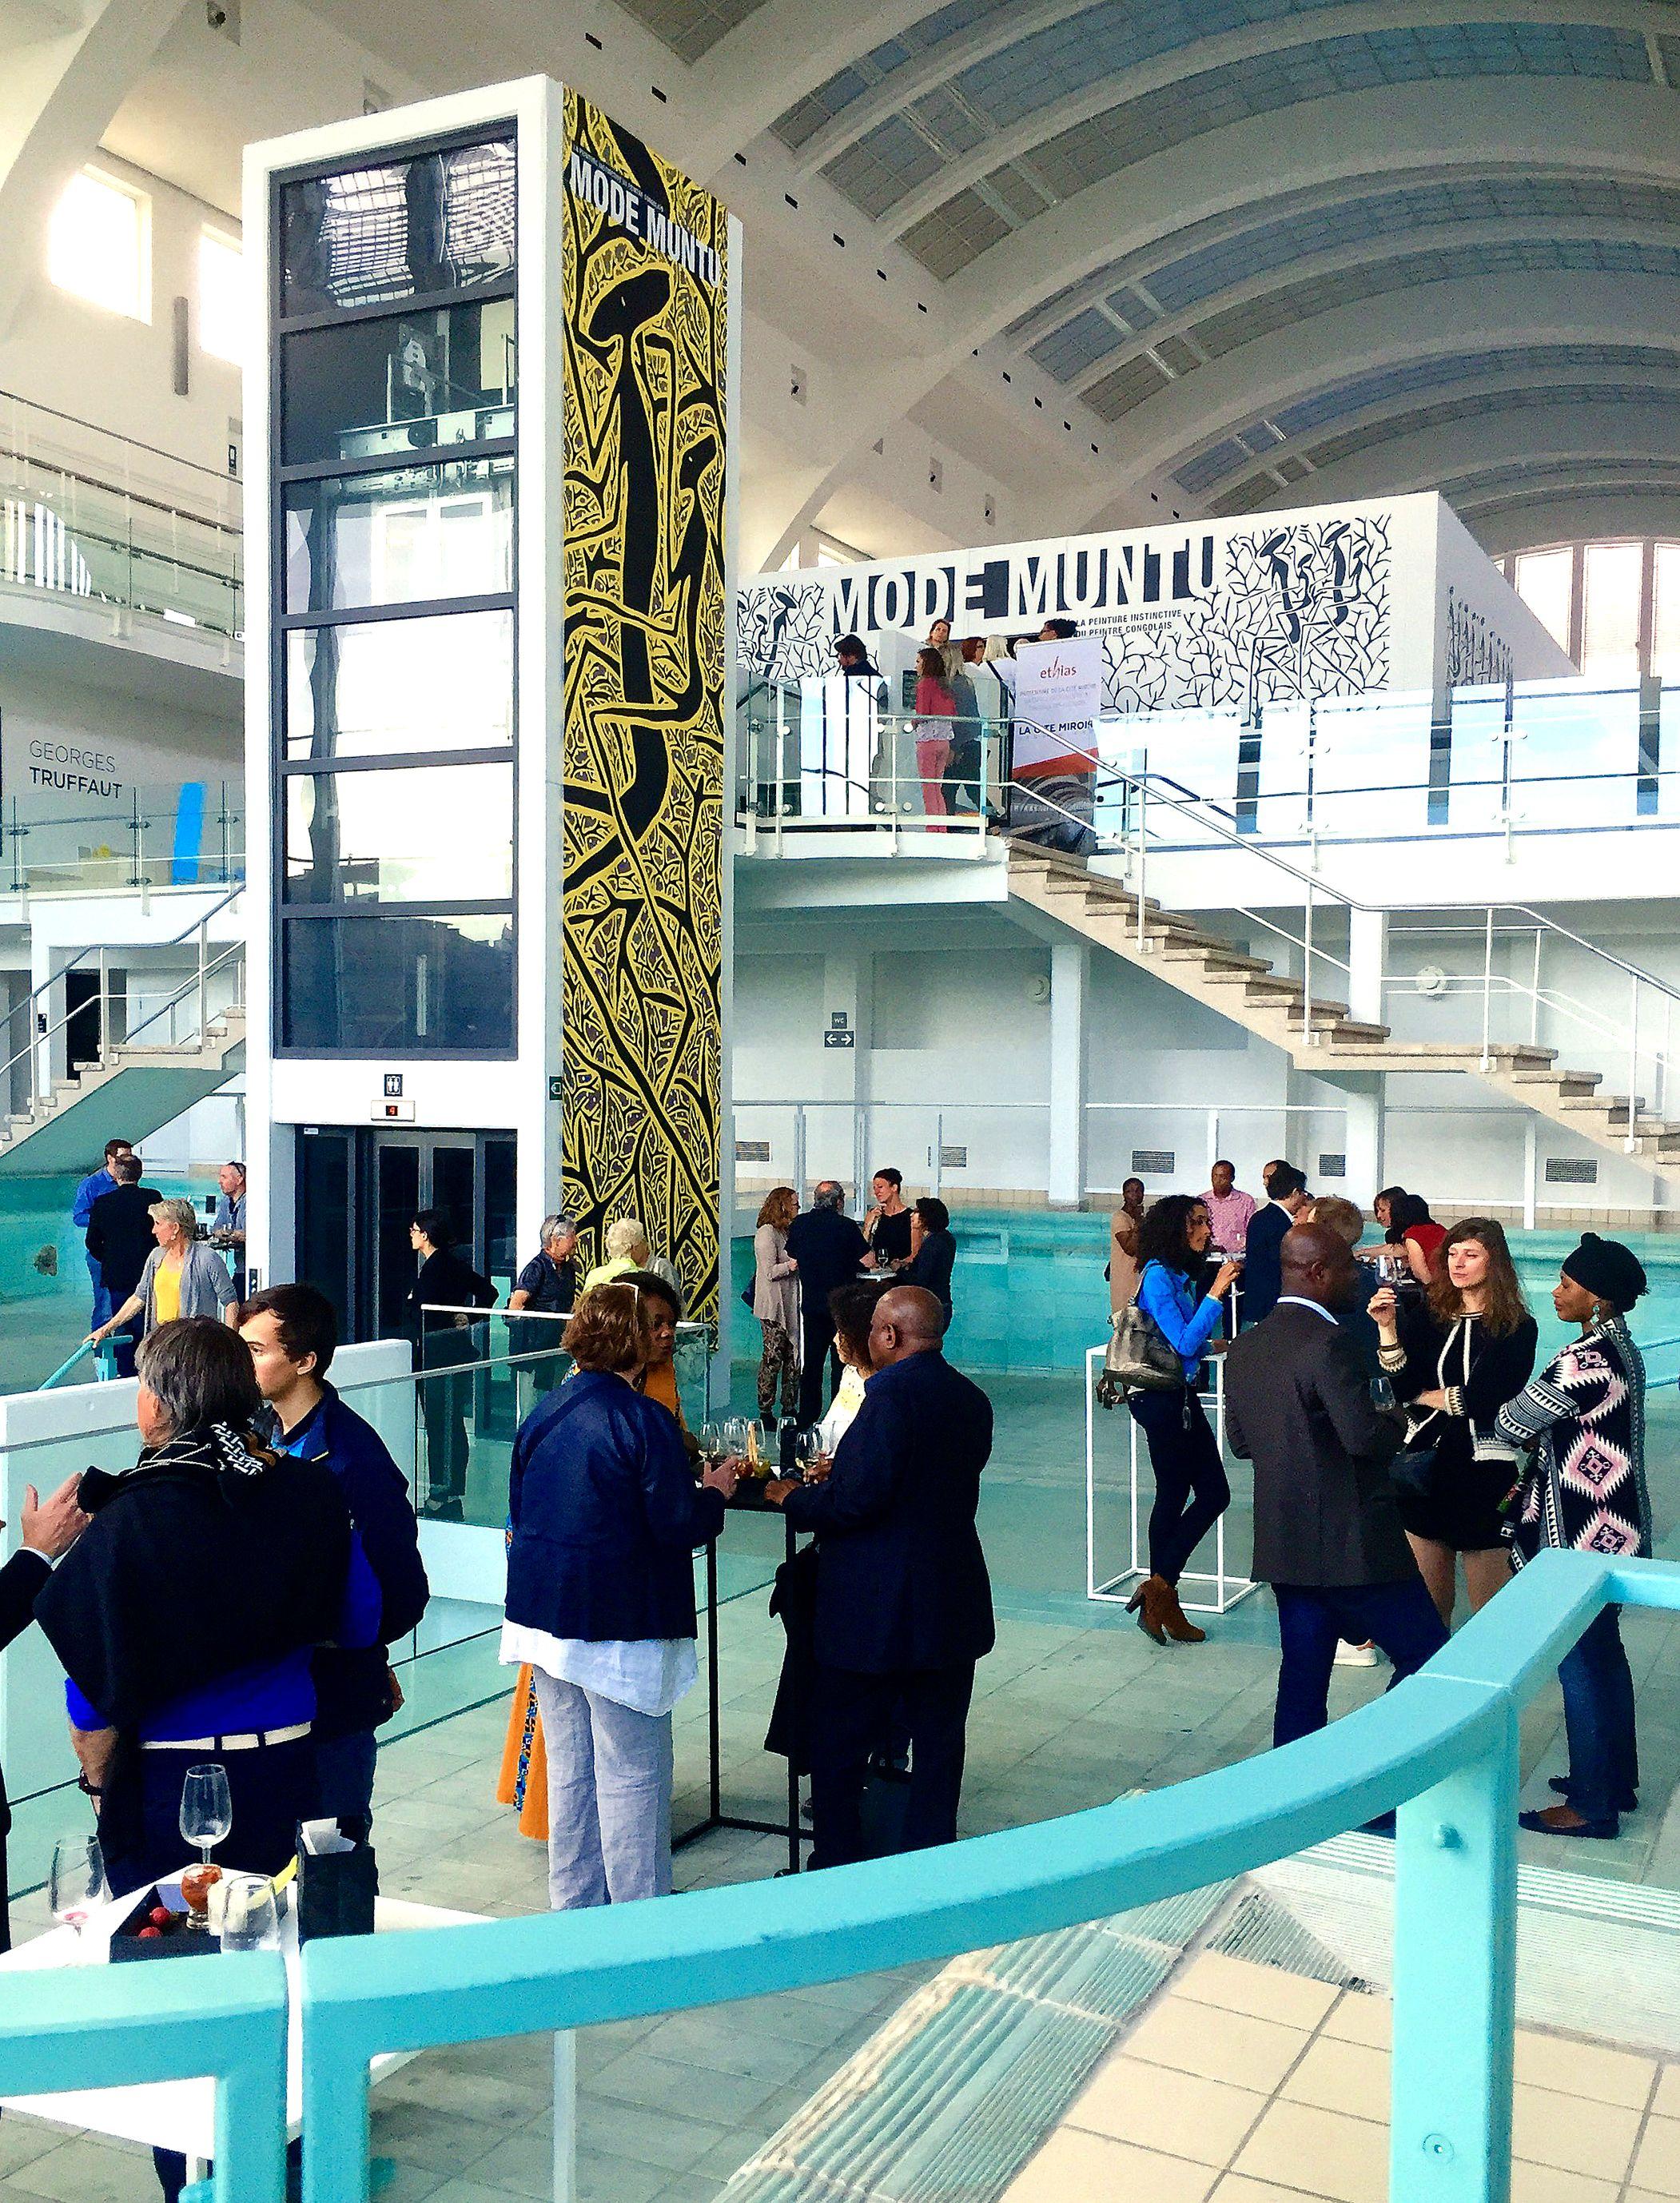 Vue du vernissage de l'exposition Mode Muntu à la Cité Miroir à Liège.